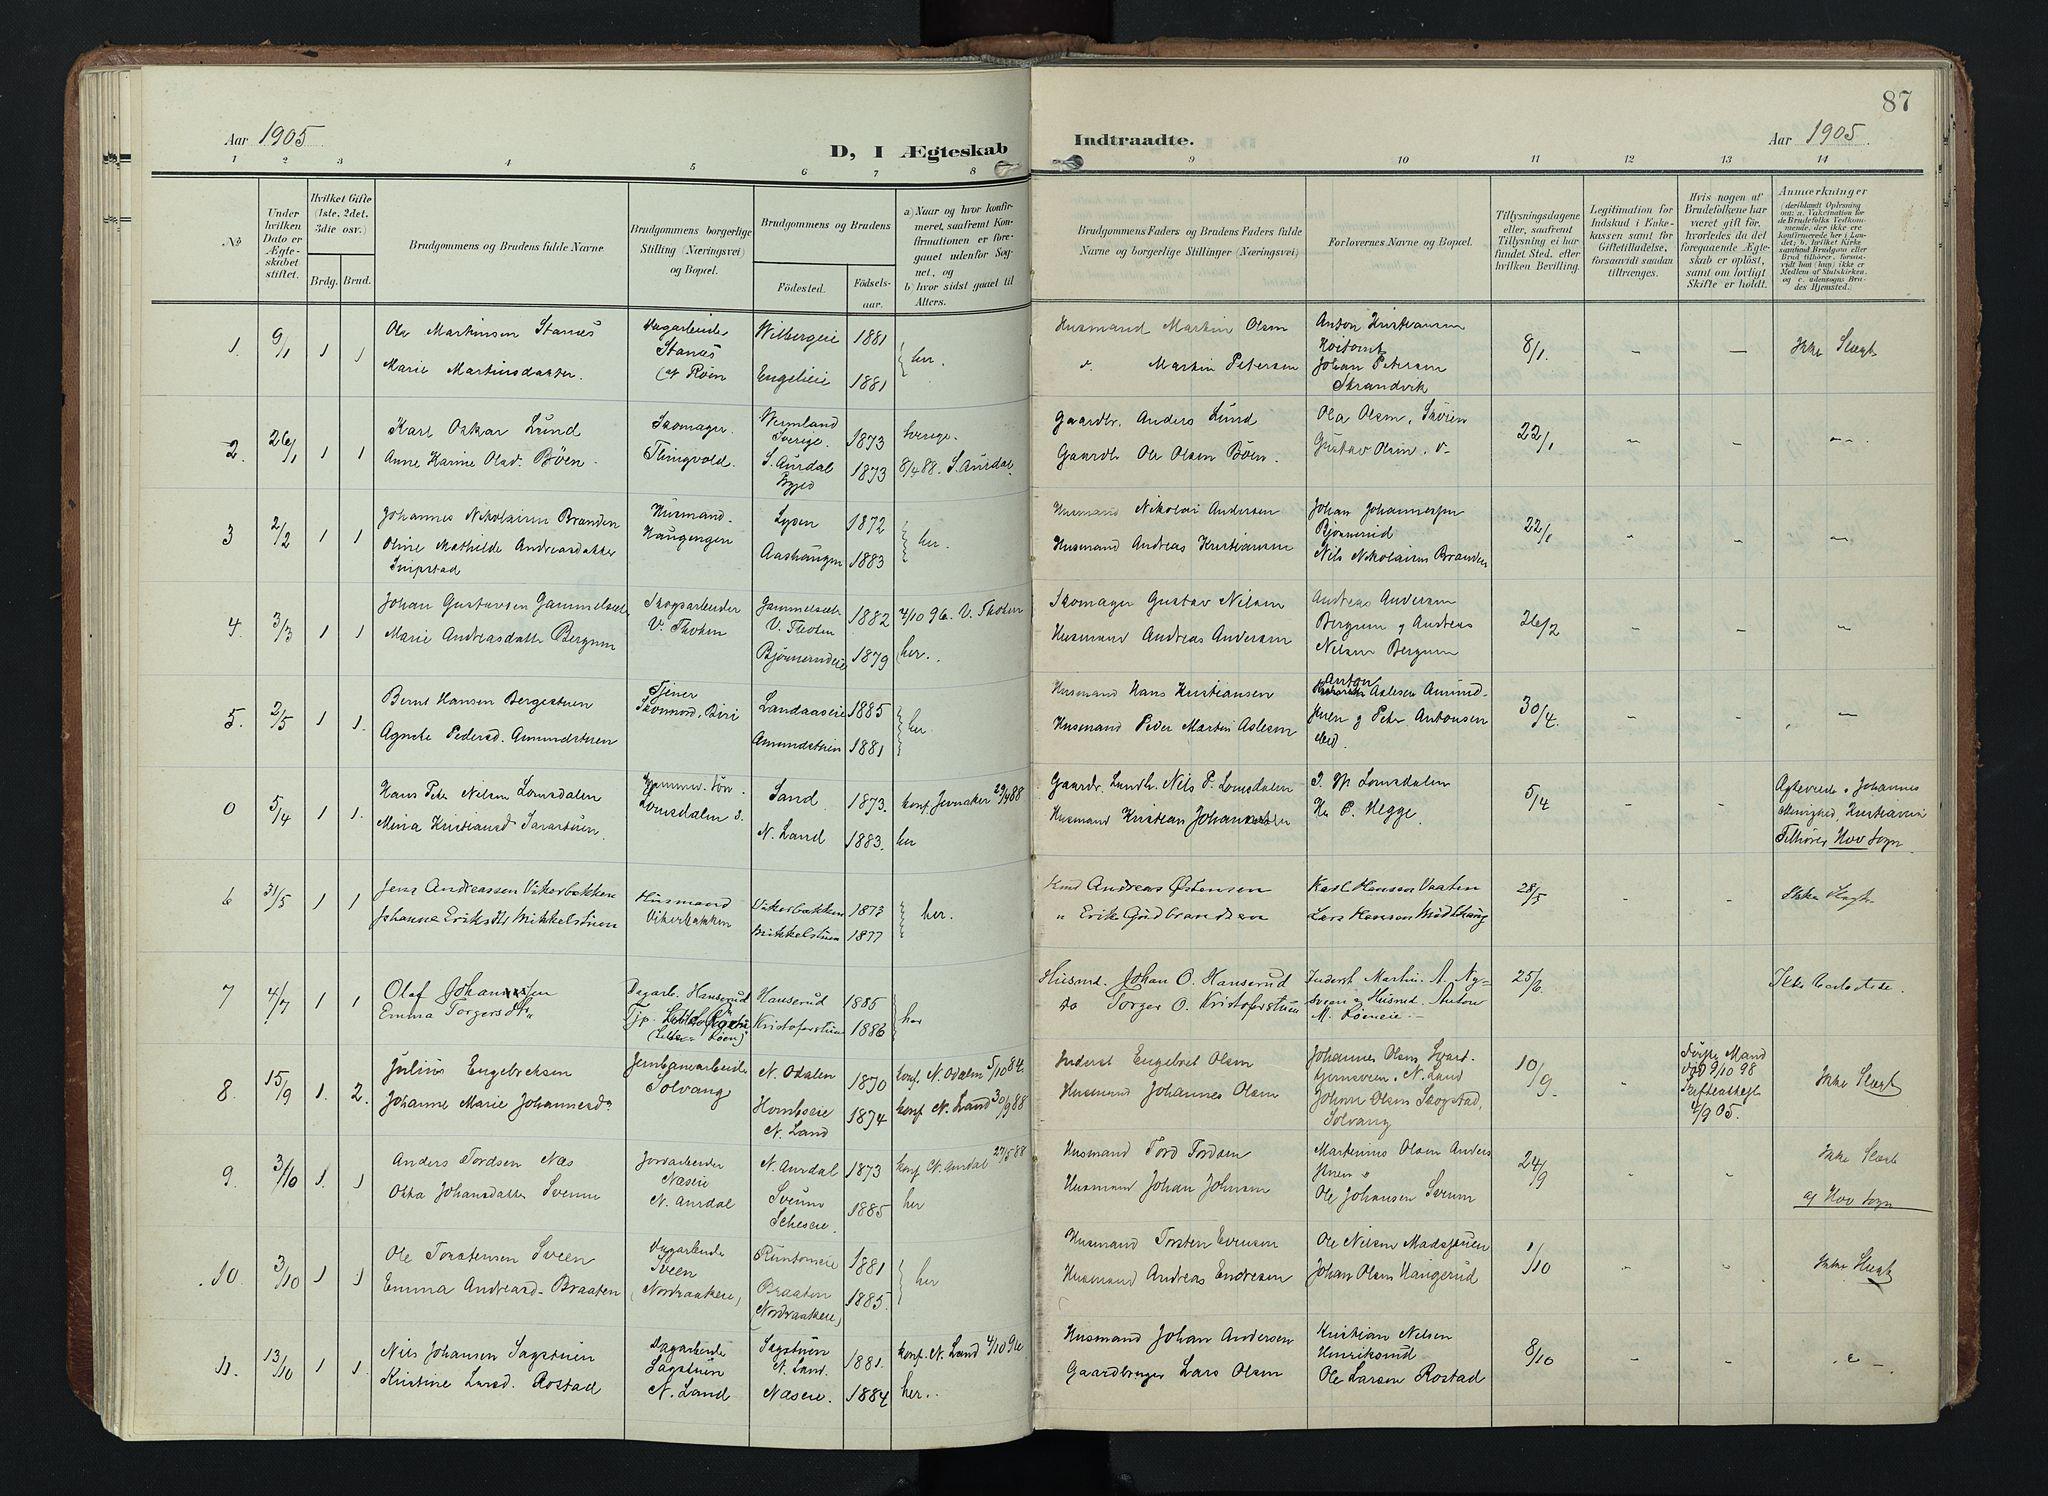 SAH, Søndre Land prestekontor, K/L0005: Ministerialbok nr. 5, 1905-1914, s. 87